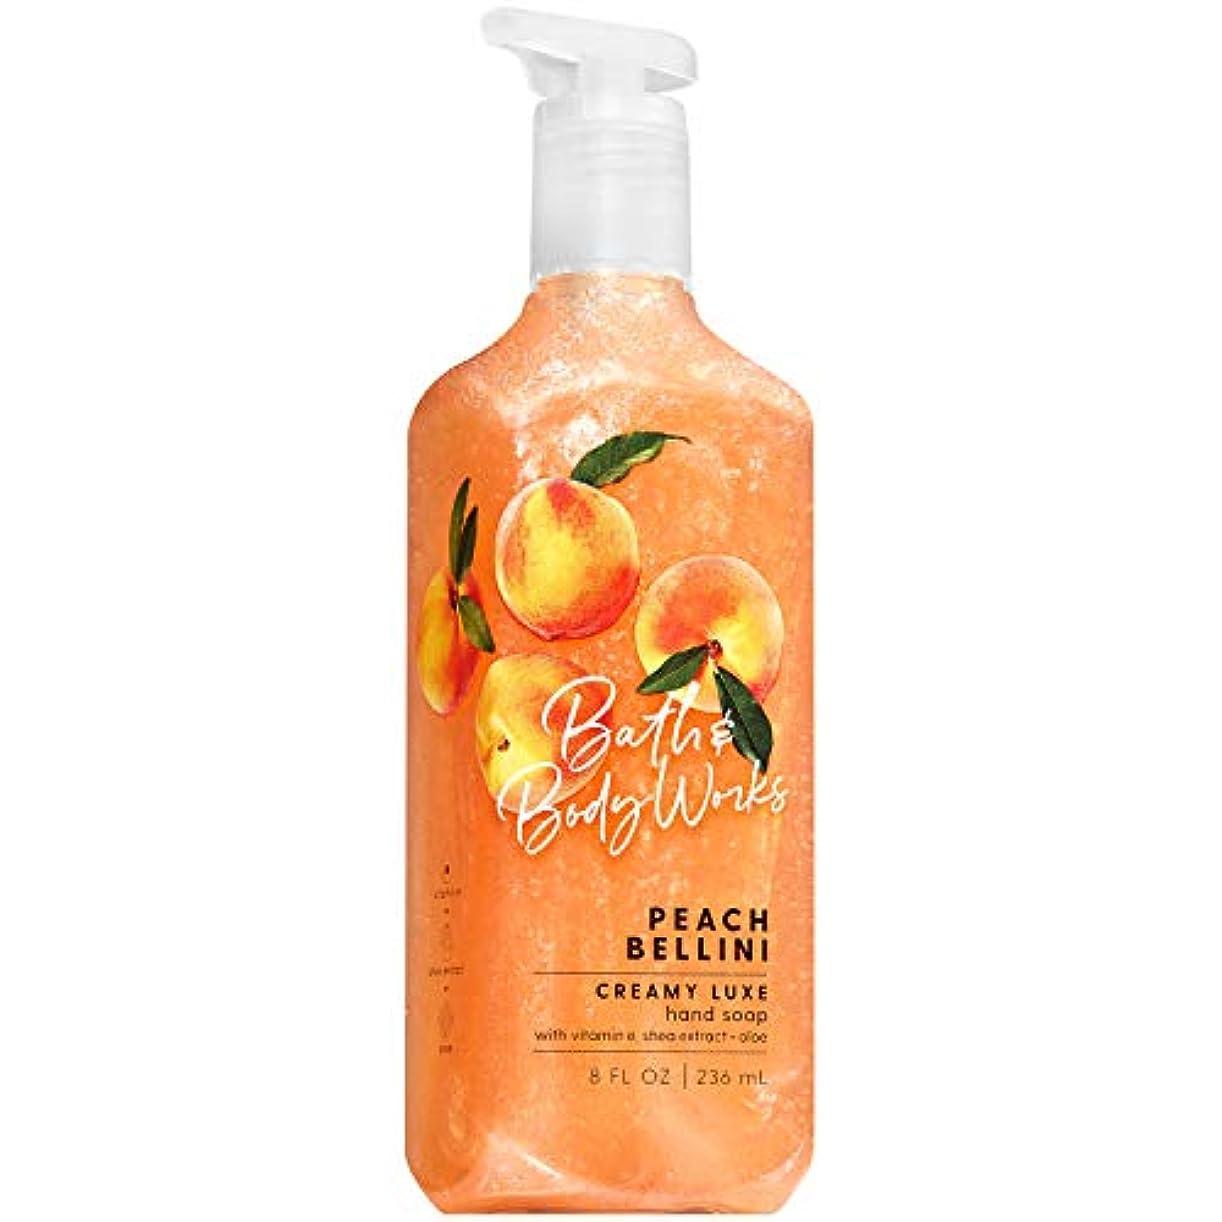 ただダンプ寄生虫バス&ボディワークス ピーチベリーニ クリーミーハンドソープ Peach Bellini Creamy Luxe Hand Soap With Vitamine E Shea Extract + Aloe